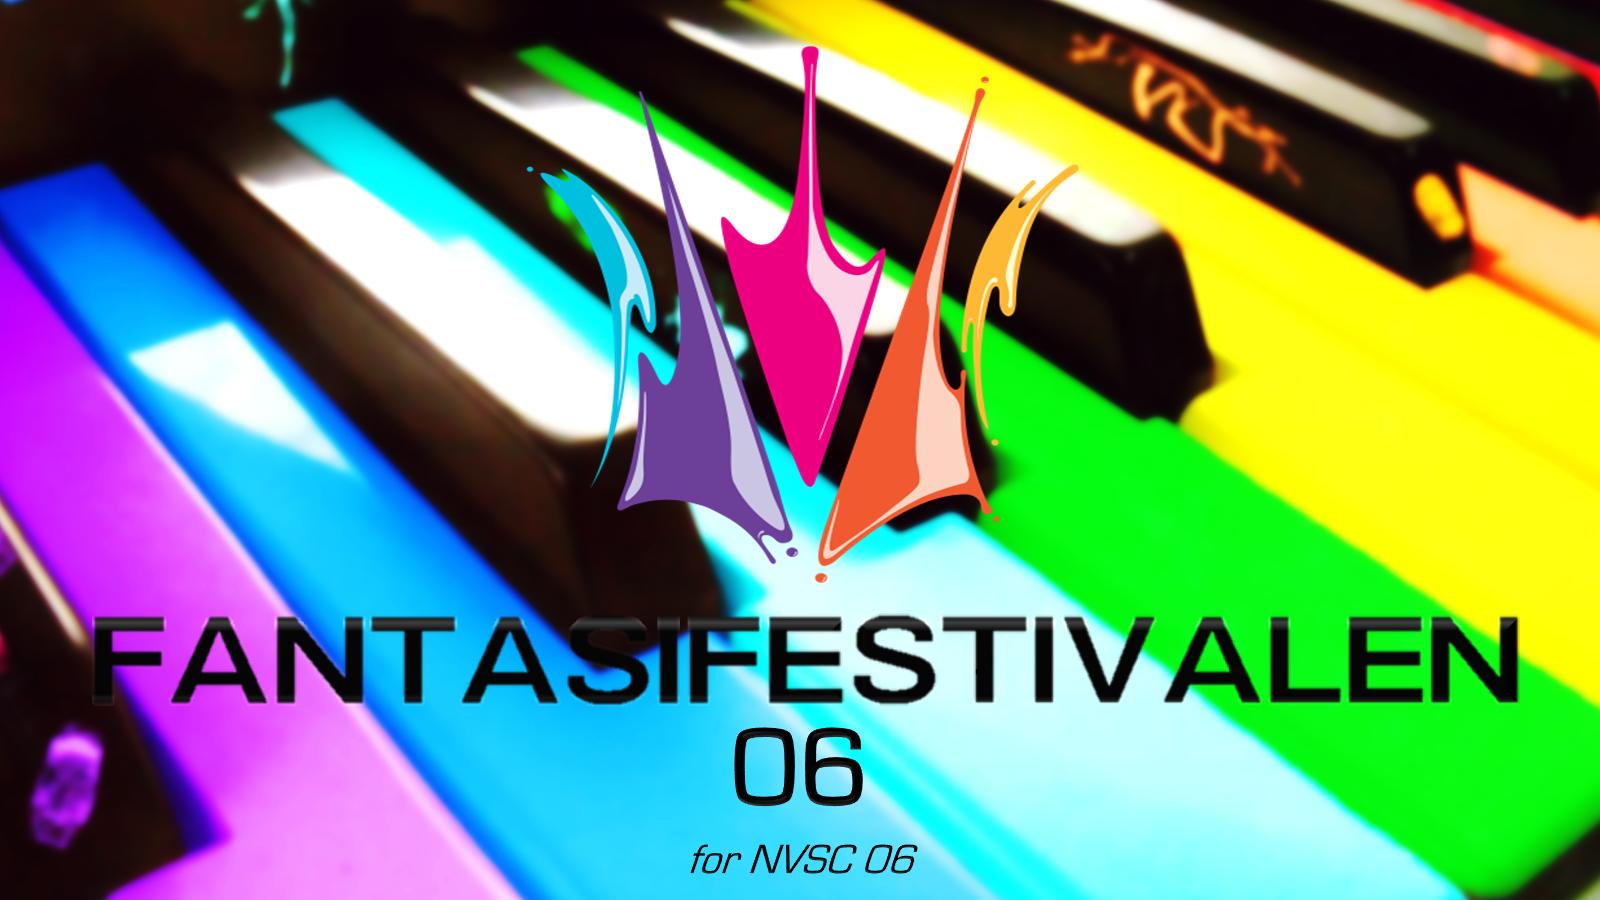 Fantasifestivalen 06